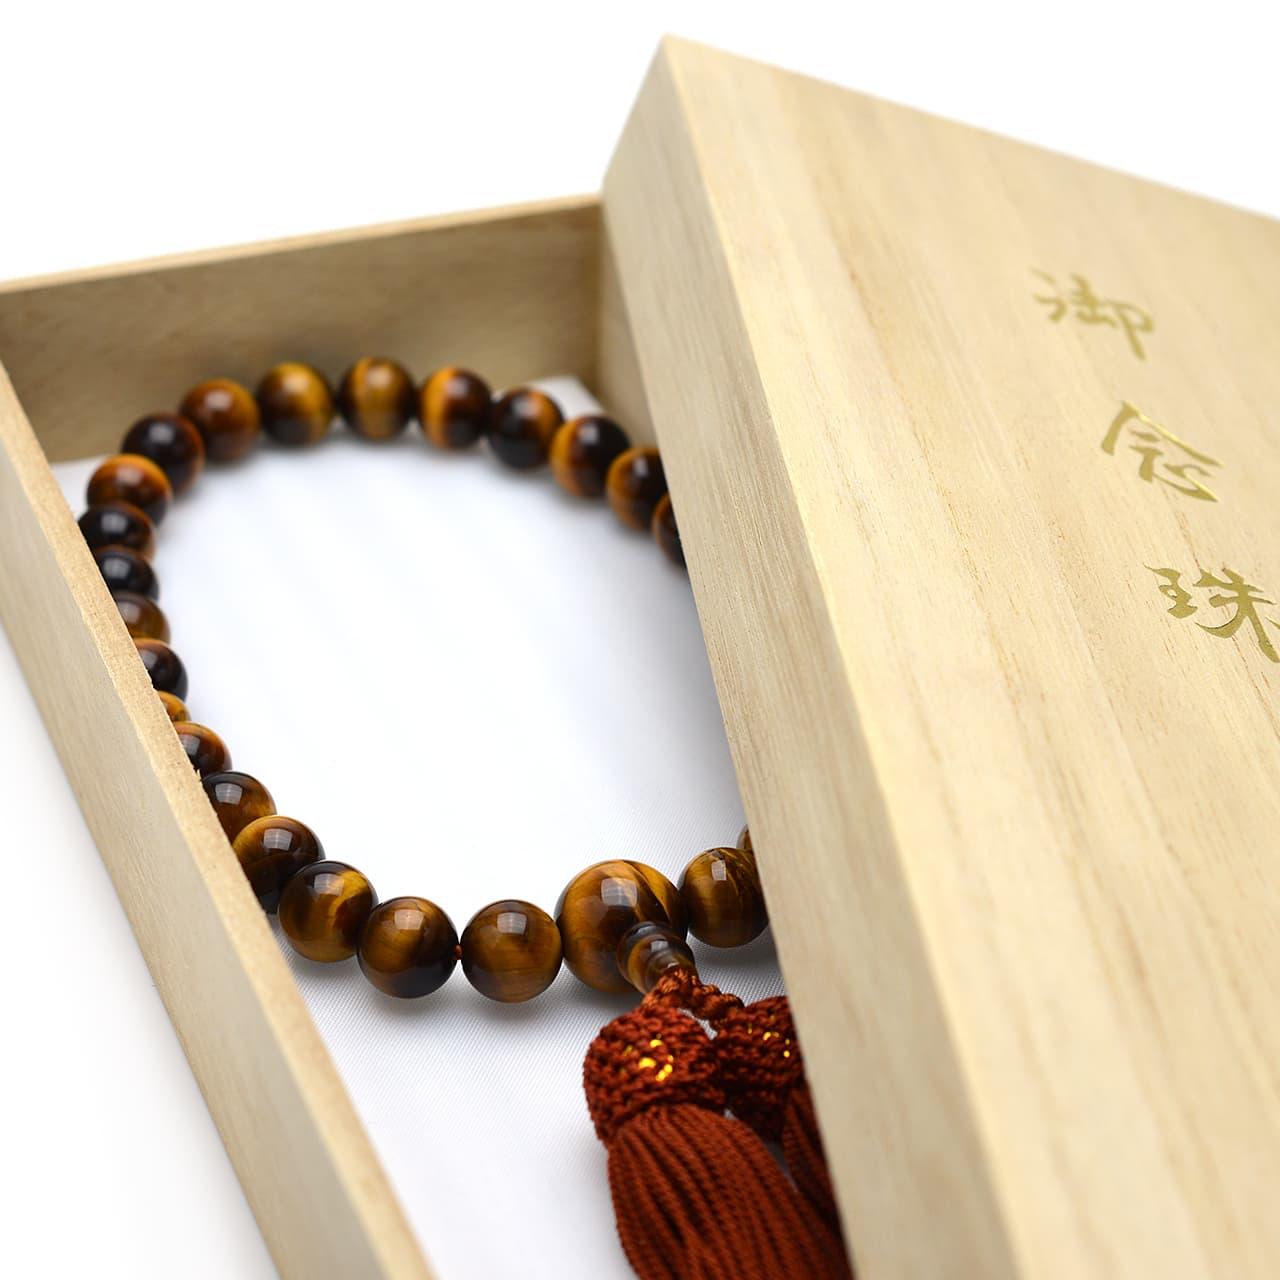 画像1: 御念珠・数珠 タイガーアイ(虎目石) - 10mm玉【桐箱付】 (1)